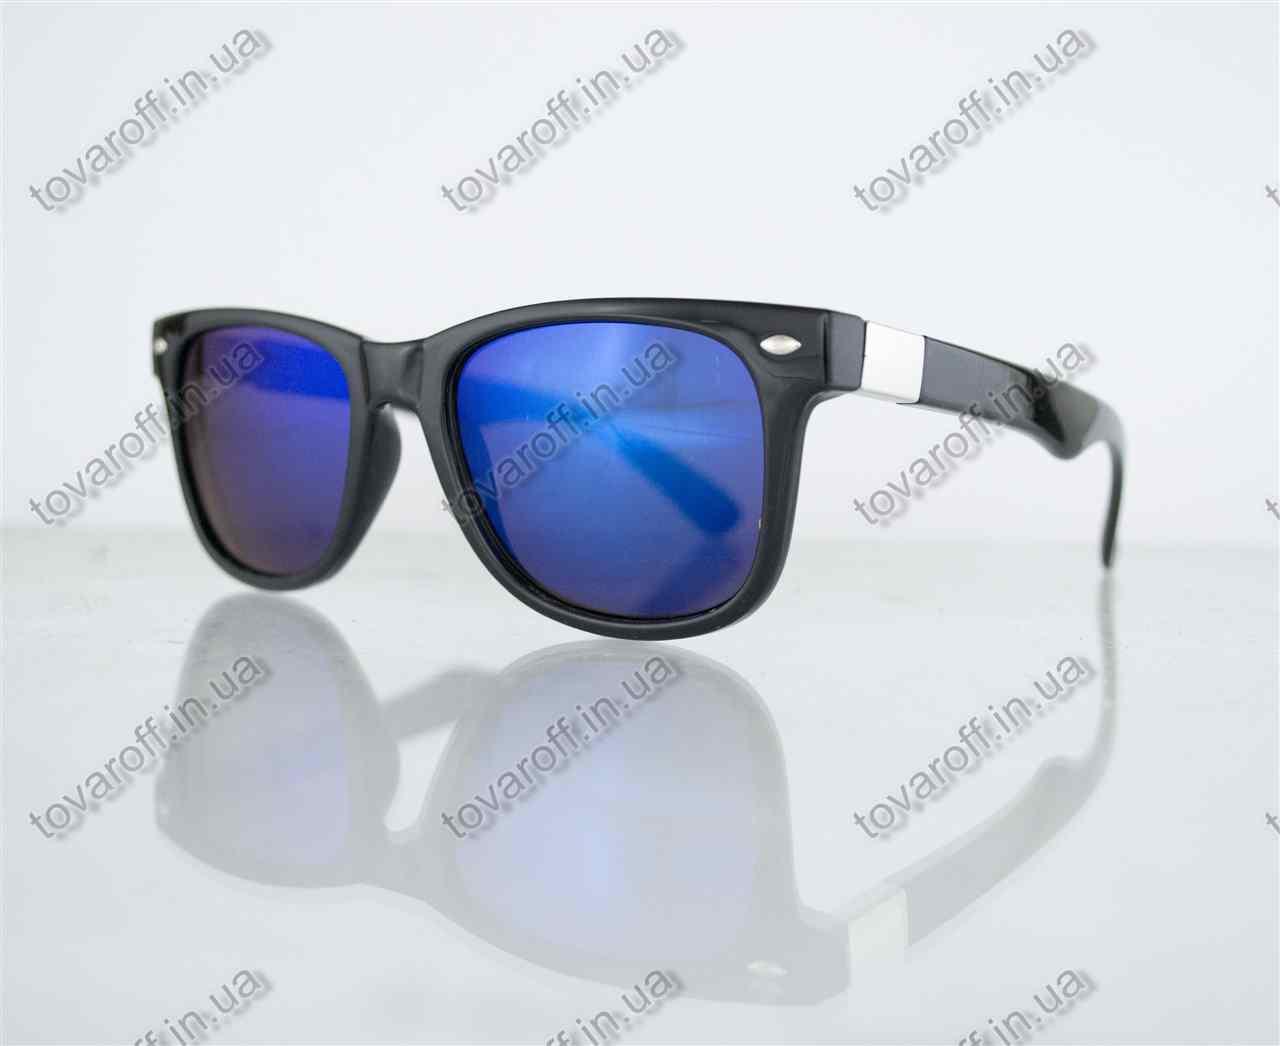 Оптом очки унисекс солнцезащитные Вайфарер (Wayfarer) - Черные с синими зеркальными линзами - 0801